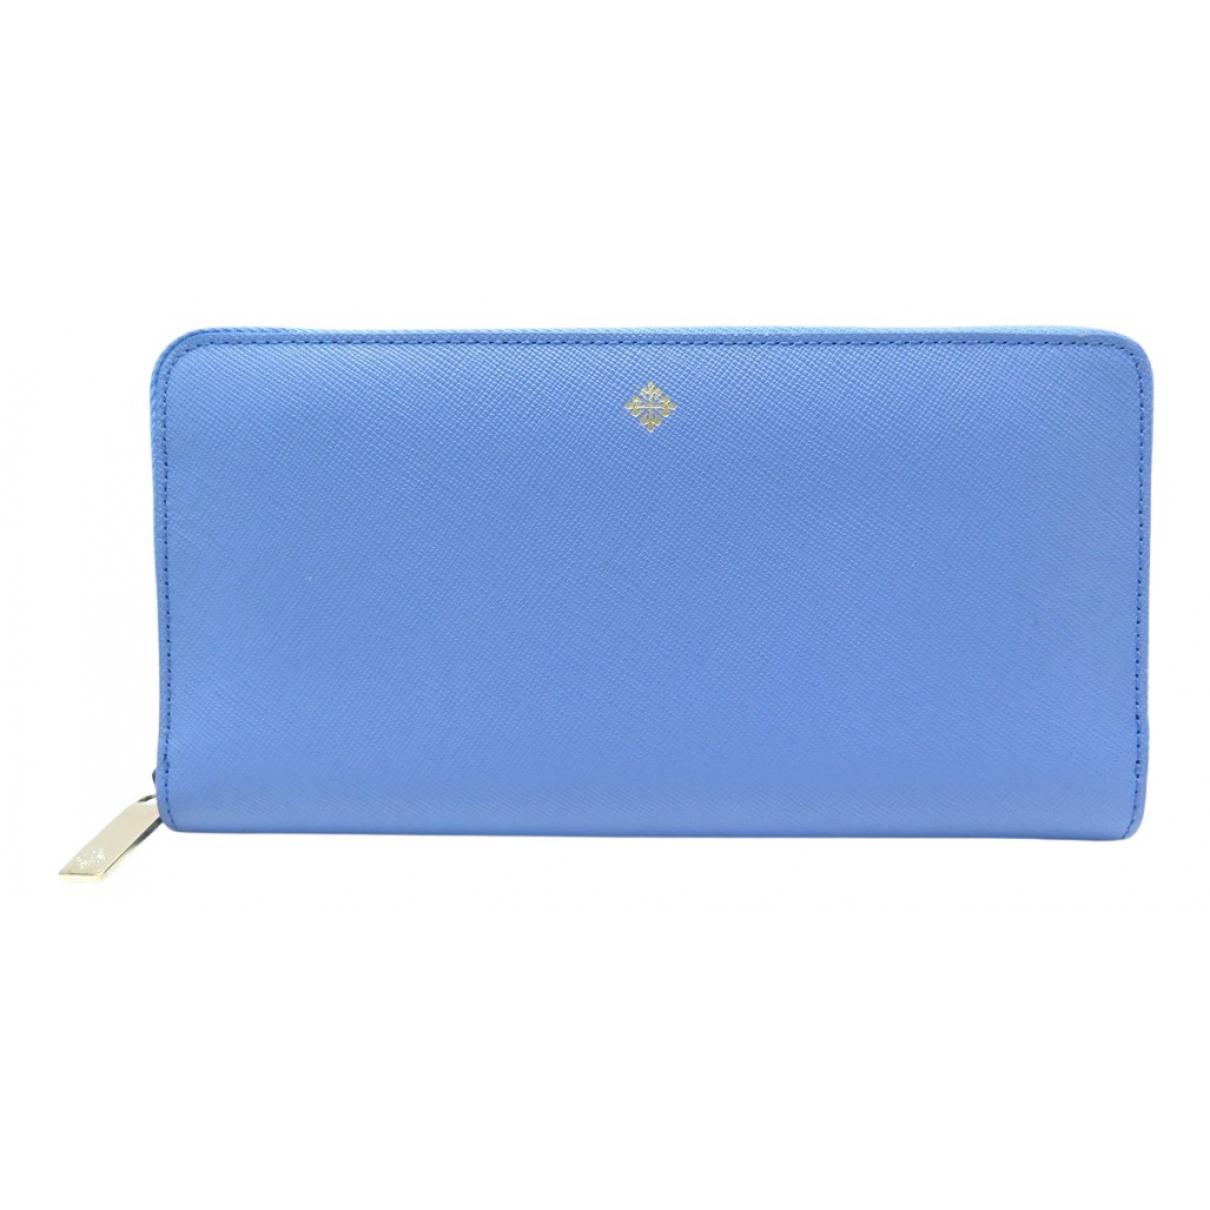 Patek Philippe - Portefeuille   pour femme en cuir - bleu